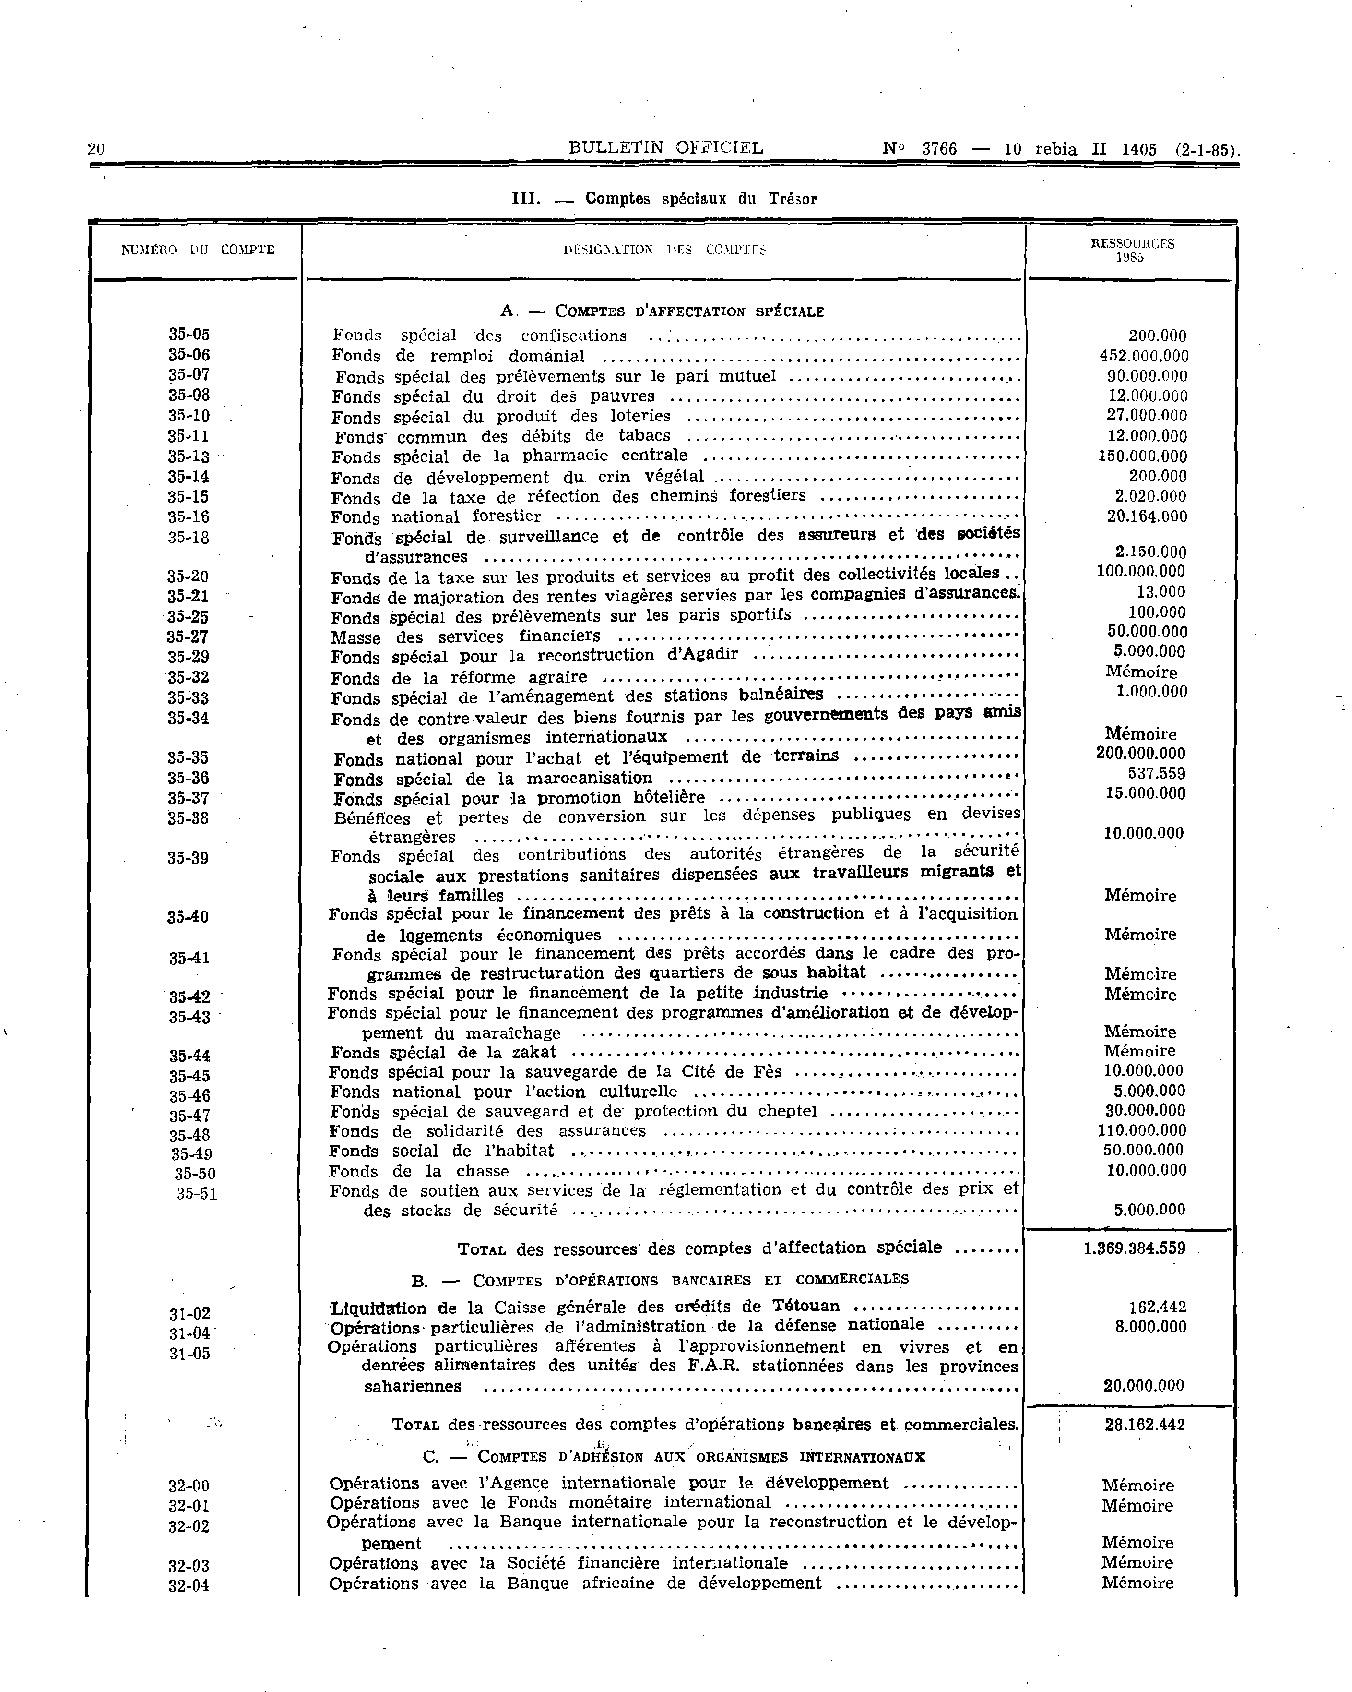 les-prix-maxima-des-acte-et-service-medicaux-dans-le-secteur-prive-020